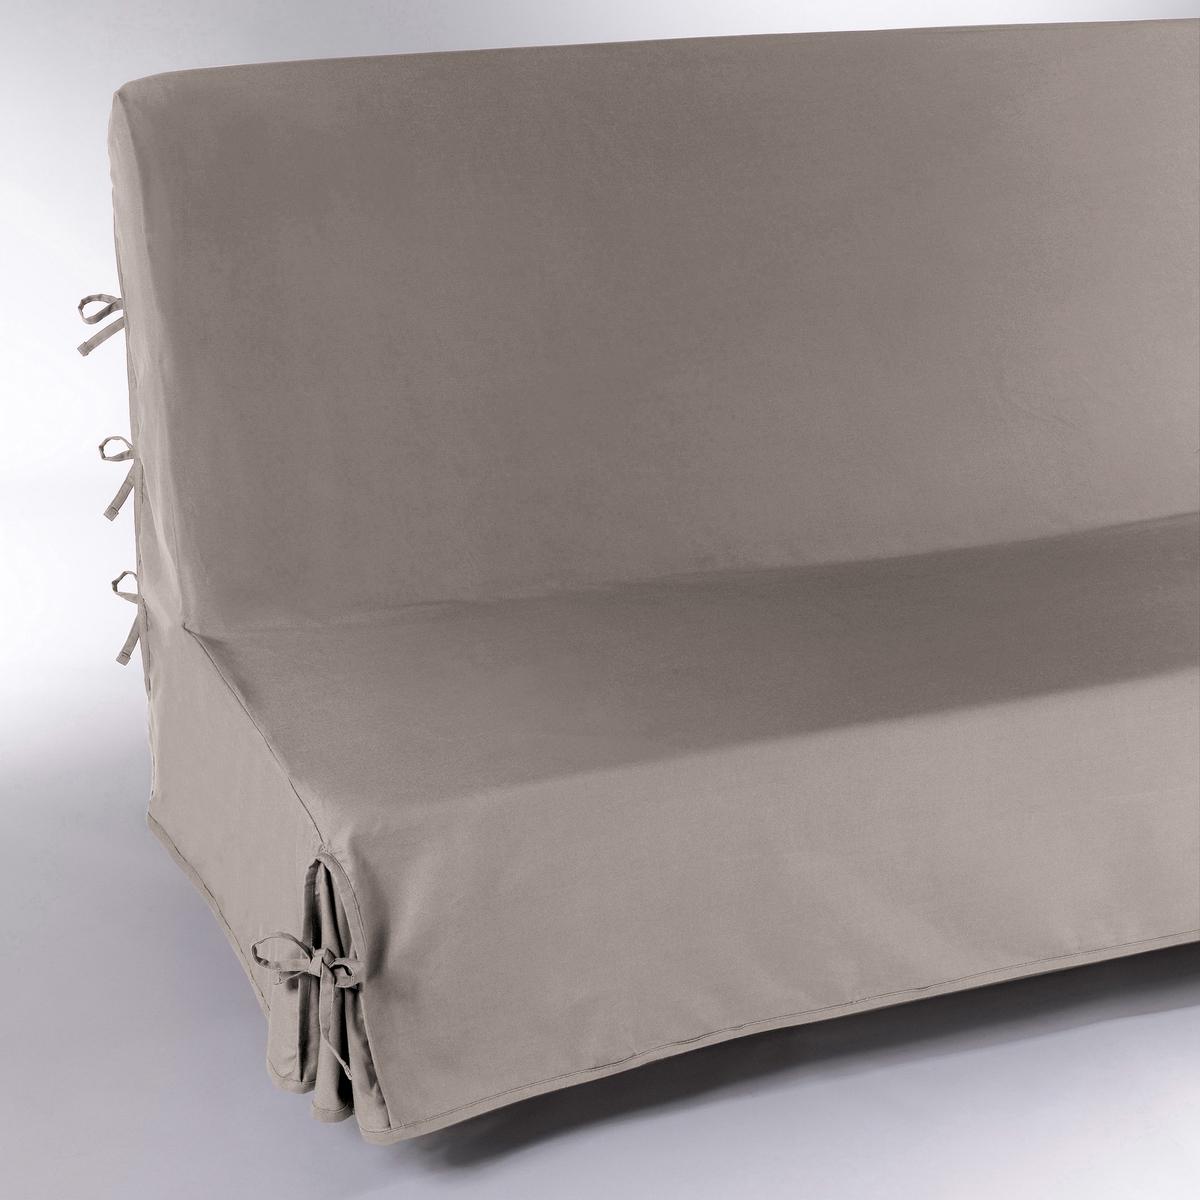 цена Чехол La Redoute Для раскладного дивана SCENARIO единый размер бежевый онлайн в 2017 году